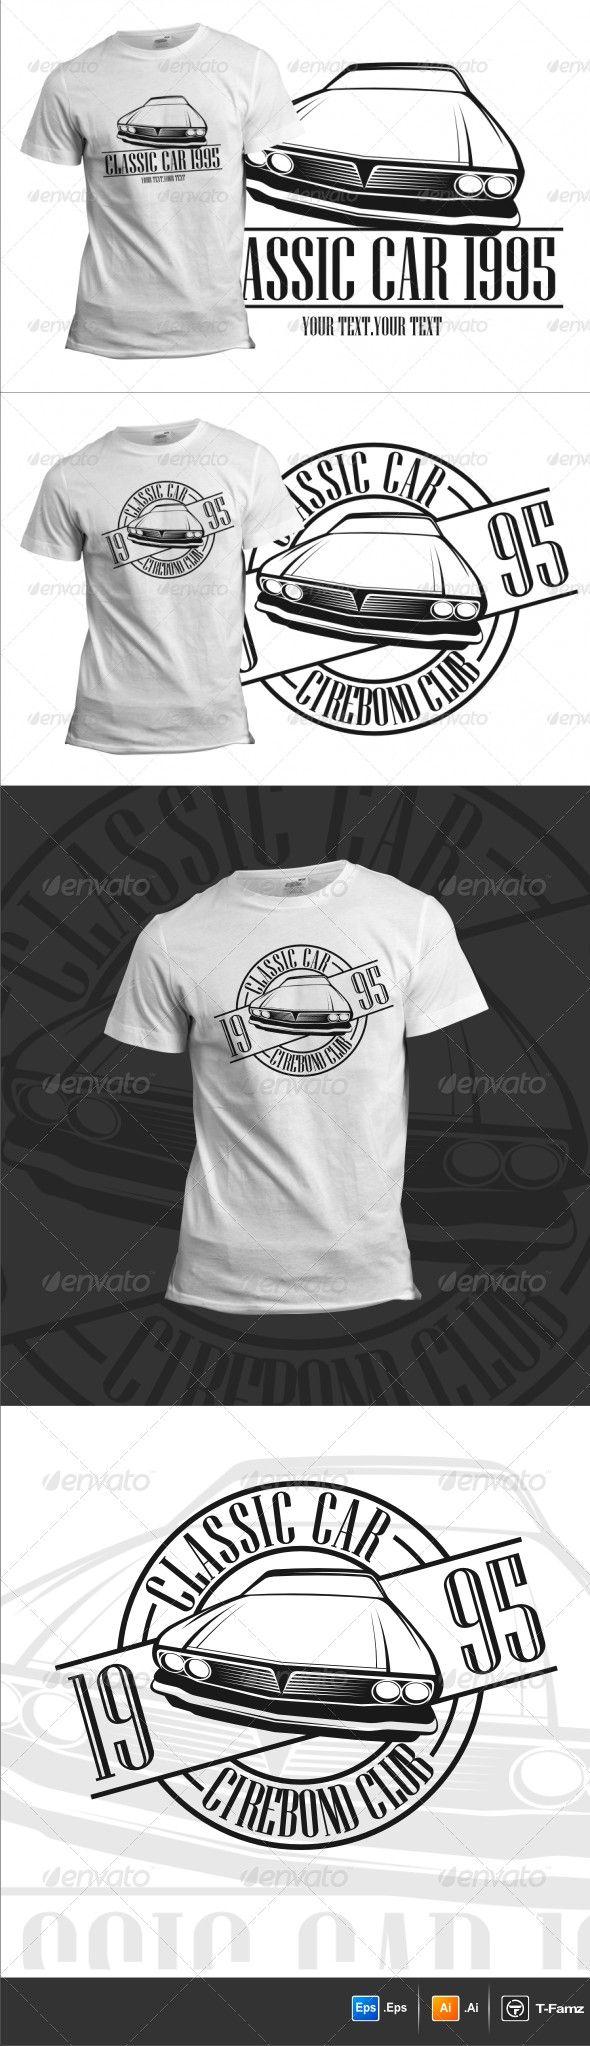 Classic Car TShirts Custom tshirt design, Shirts, T shirt